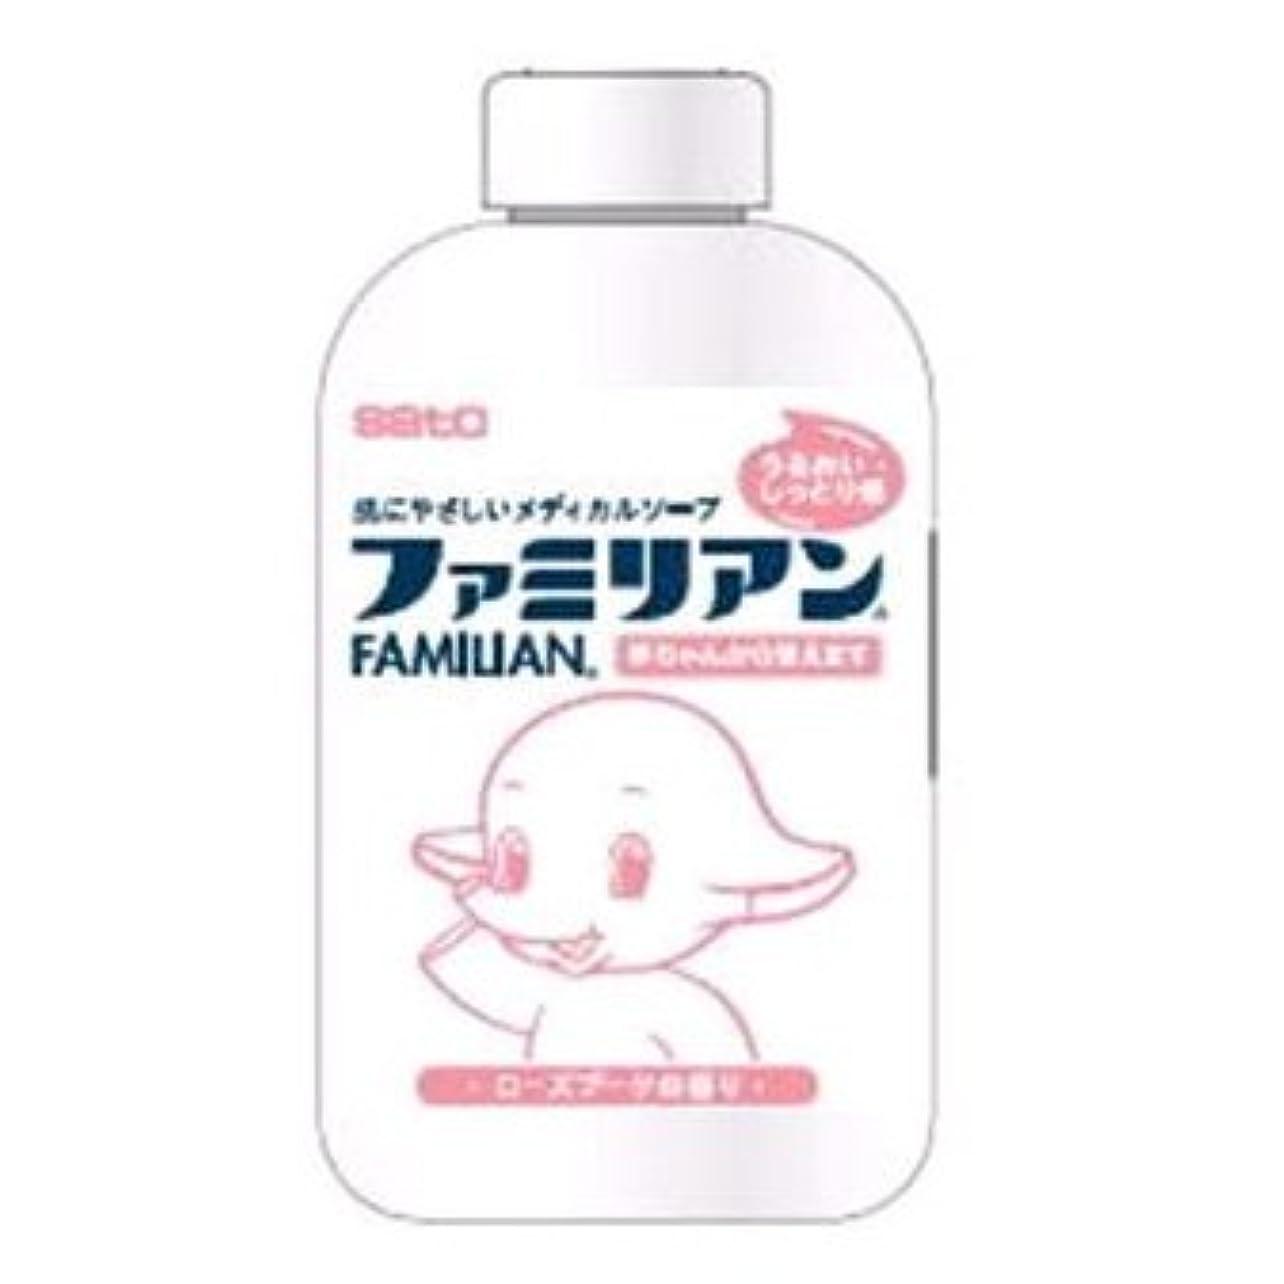 重さローン味わうファミリアン(ポンプ詰替用) 500ml × 6個